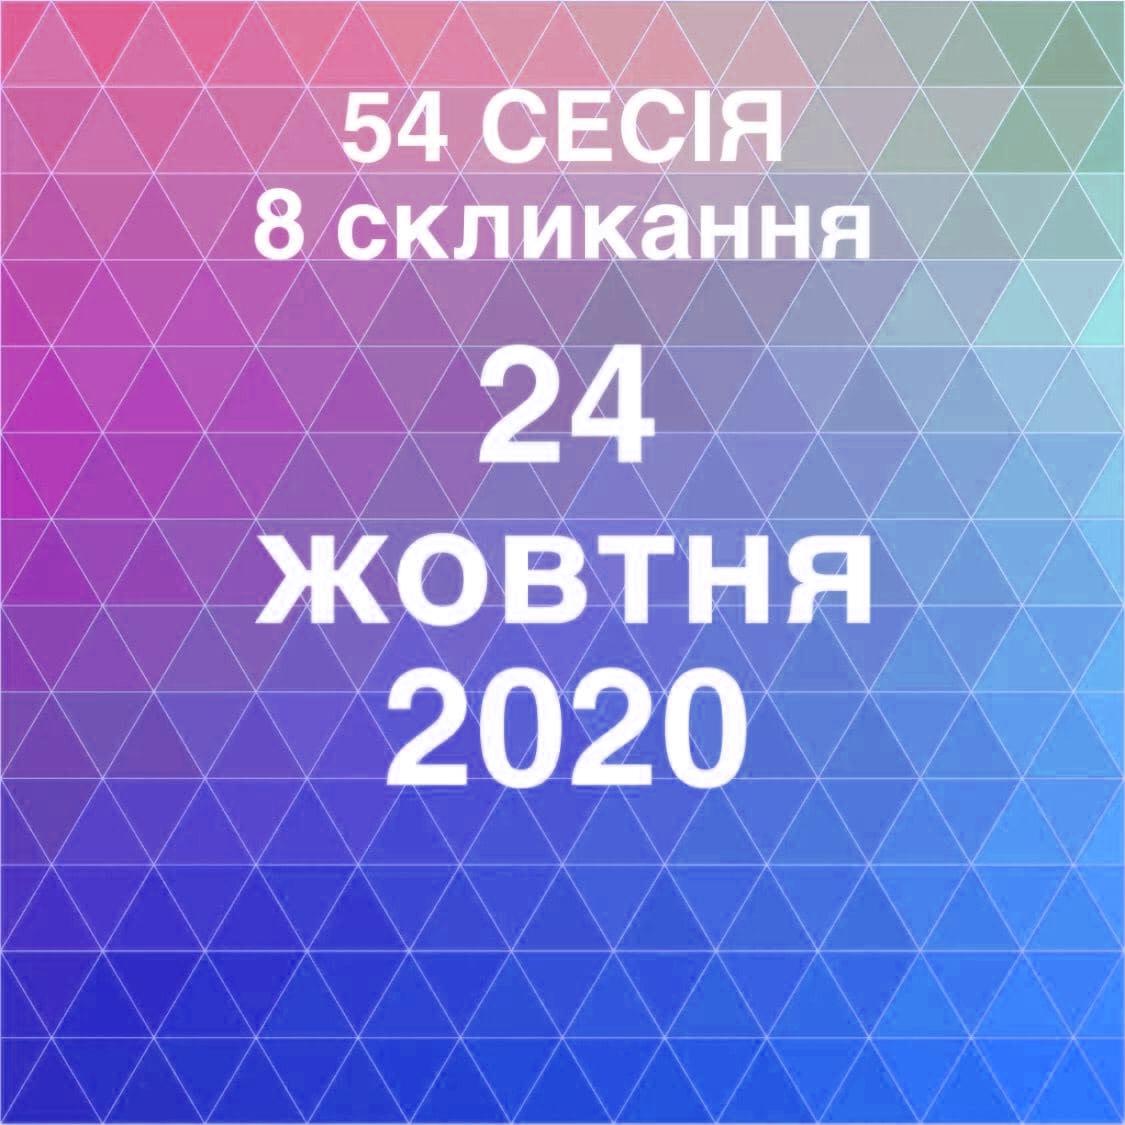 54 СЕСІЯ 8 скликання Великолюбінської селищної ради Городоцького району Львівської області